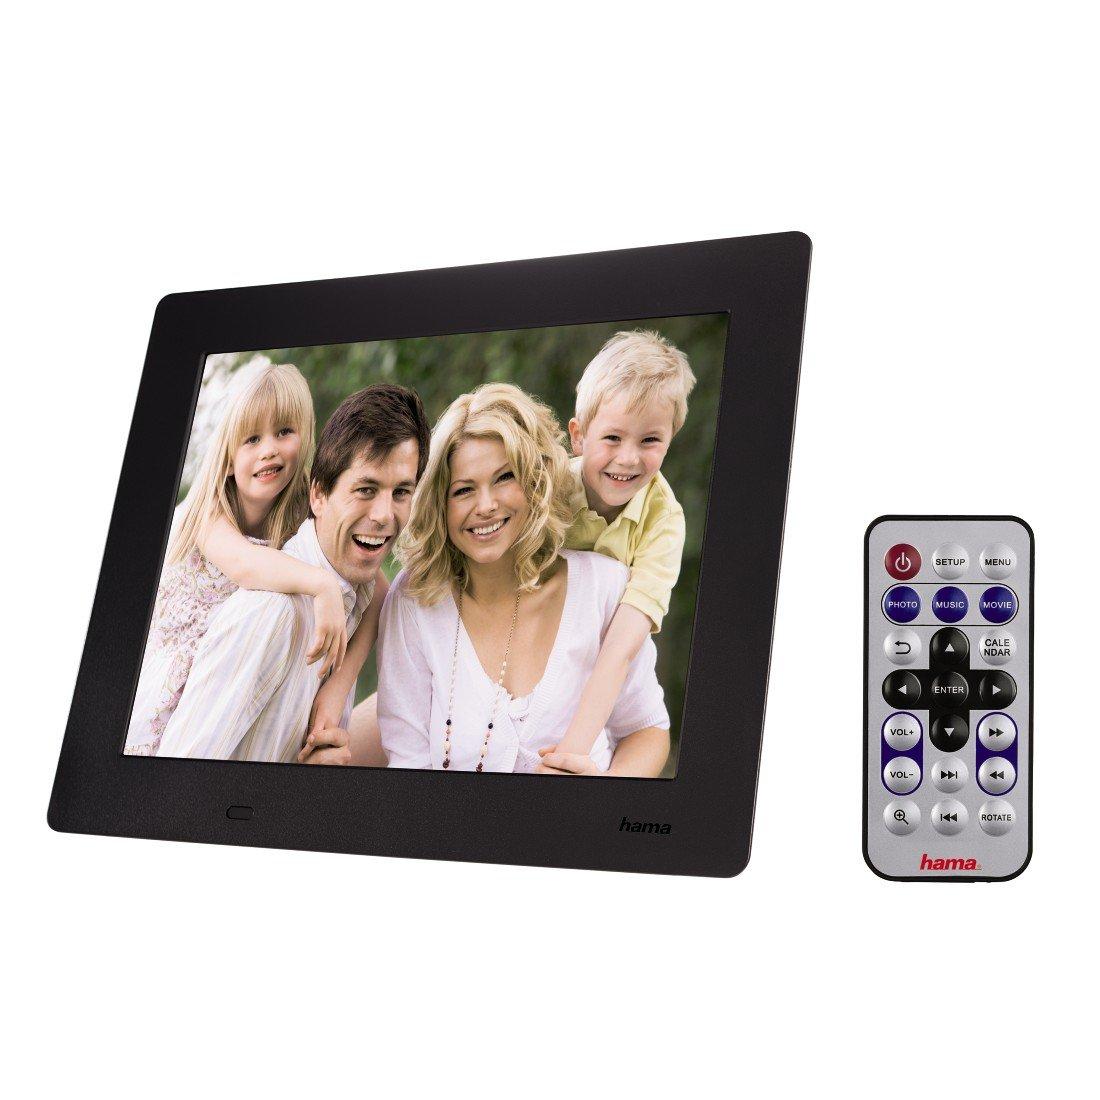 Hama 95228 Slimline Premium Digitaler Bilderrahmen 8: Amazon.de: Kamera